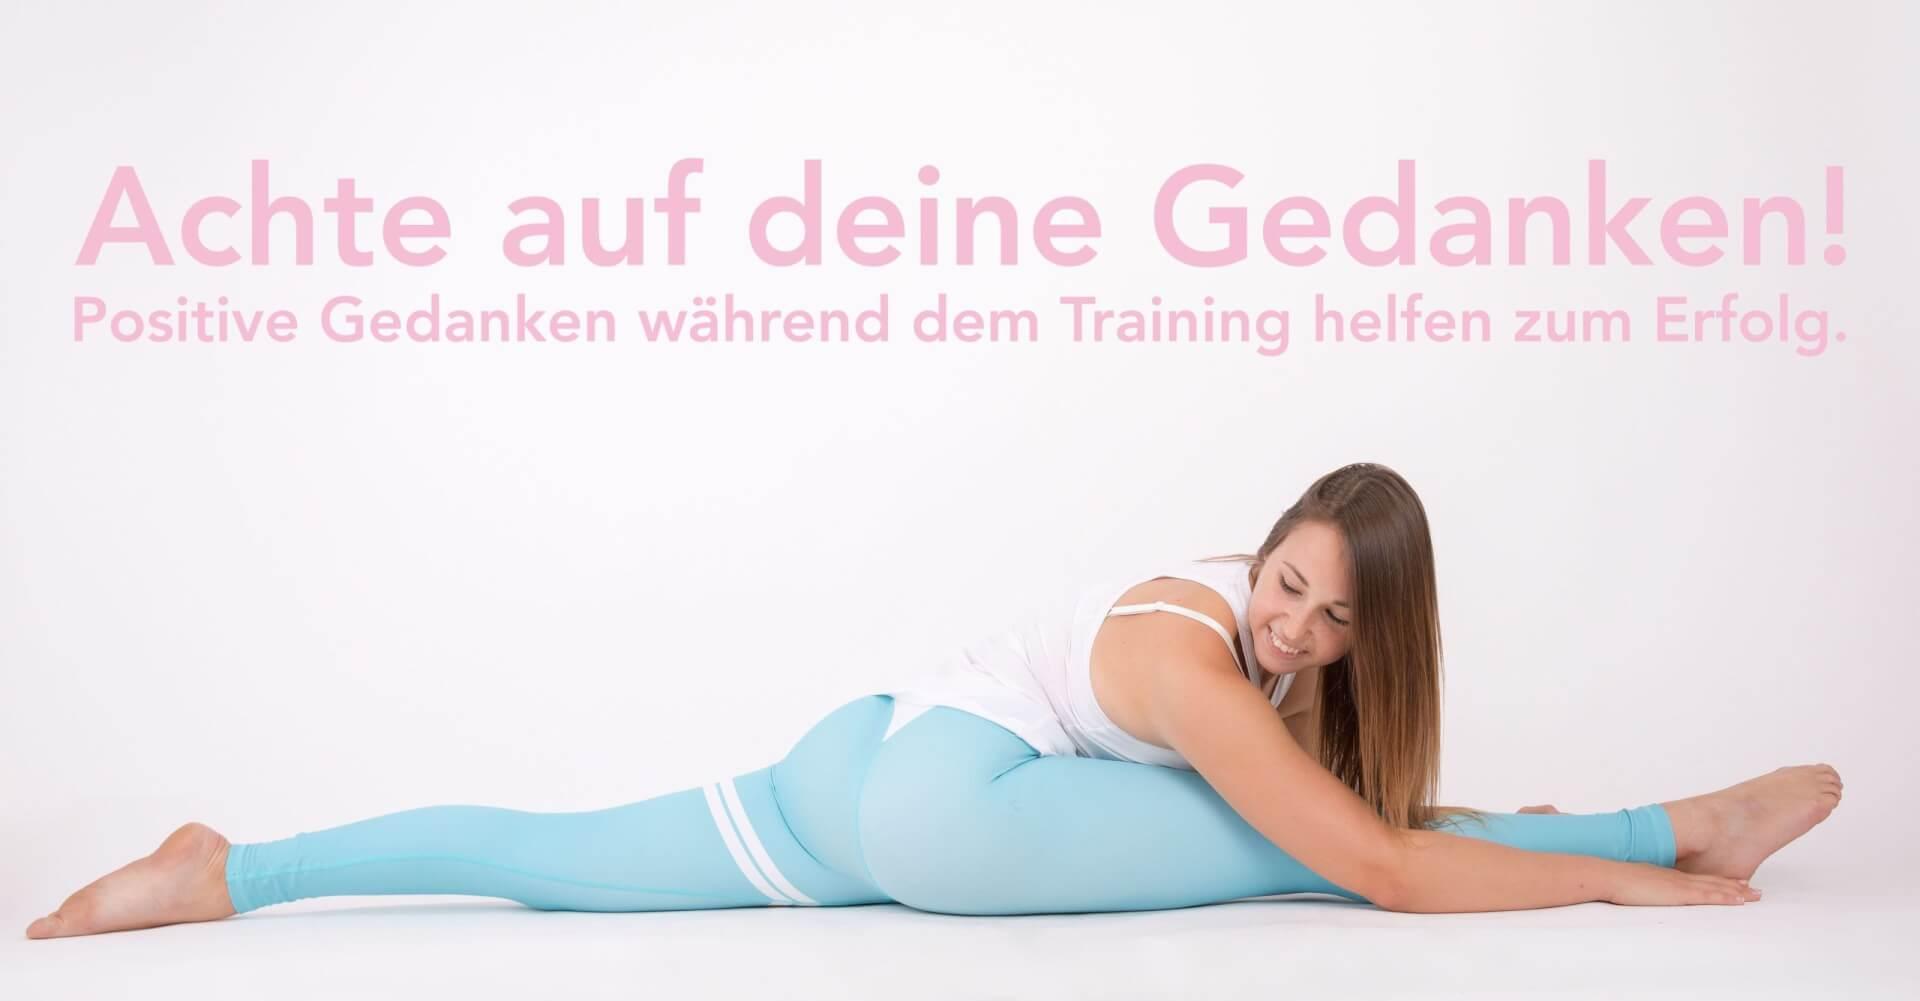 Positive Gedanken für das Stretching Training